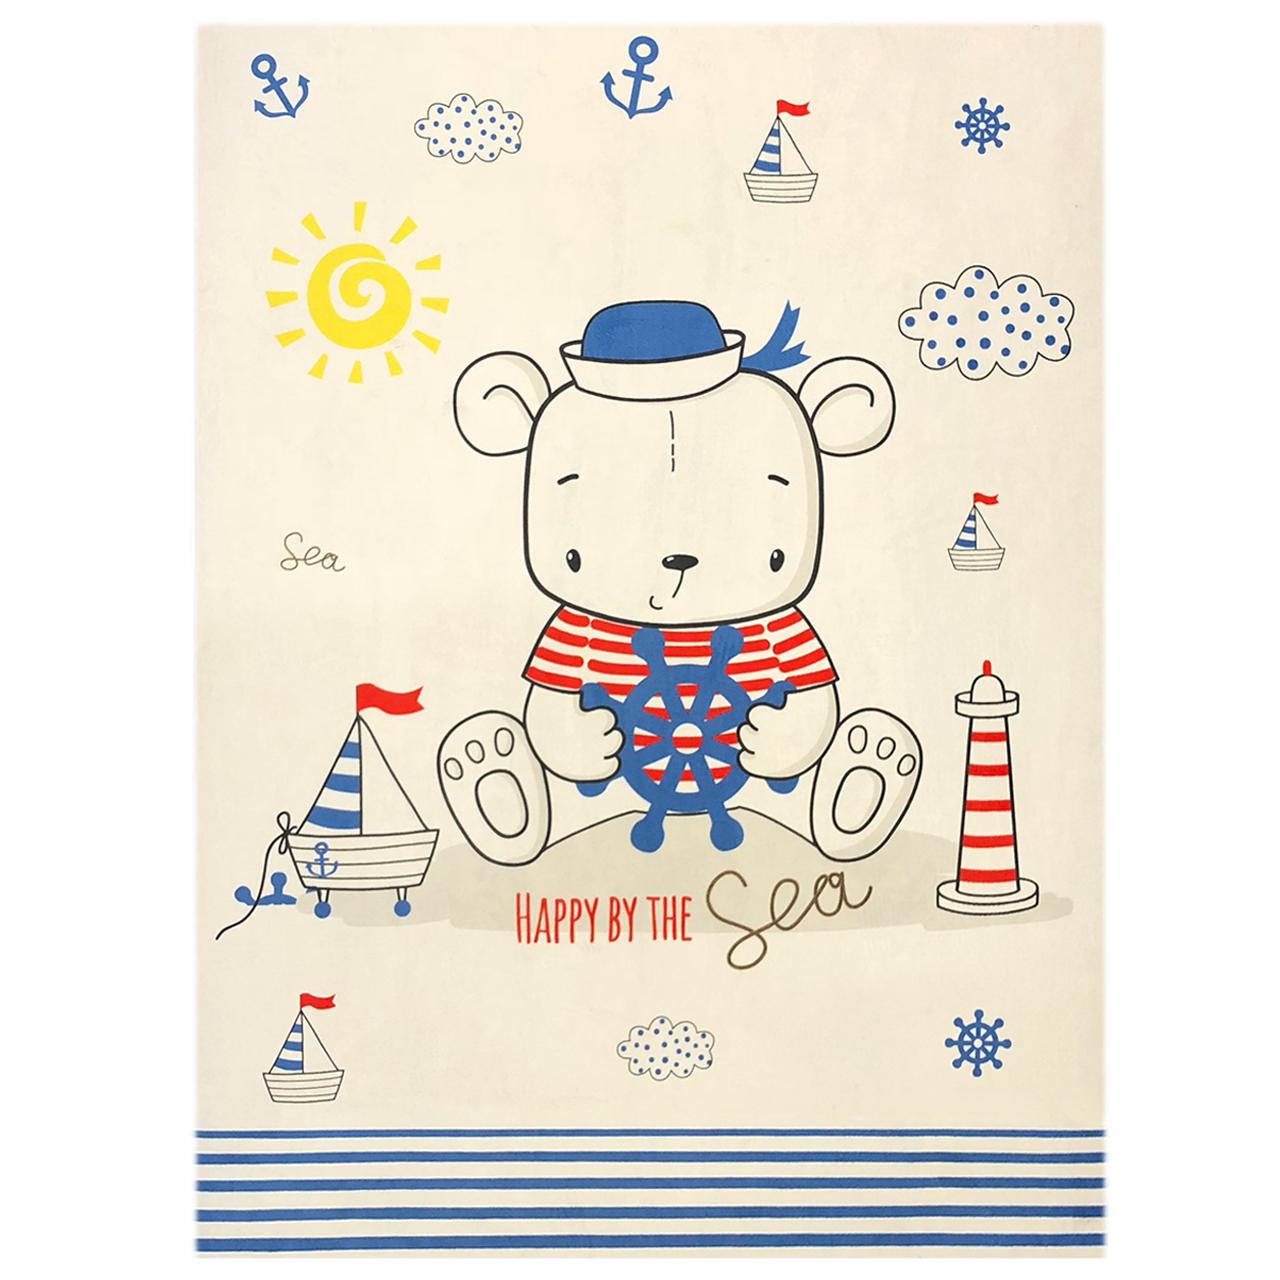 فرش ماشینی دکوفان کد J08 طرح کودک مدل خرس ملوان